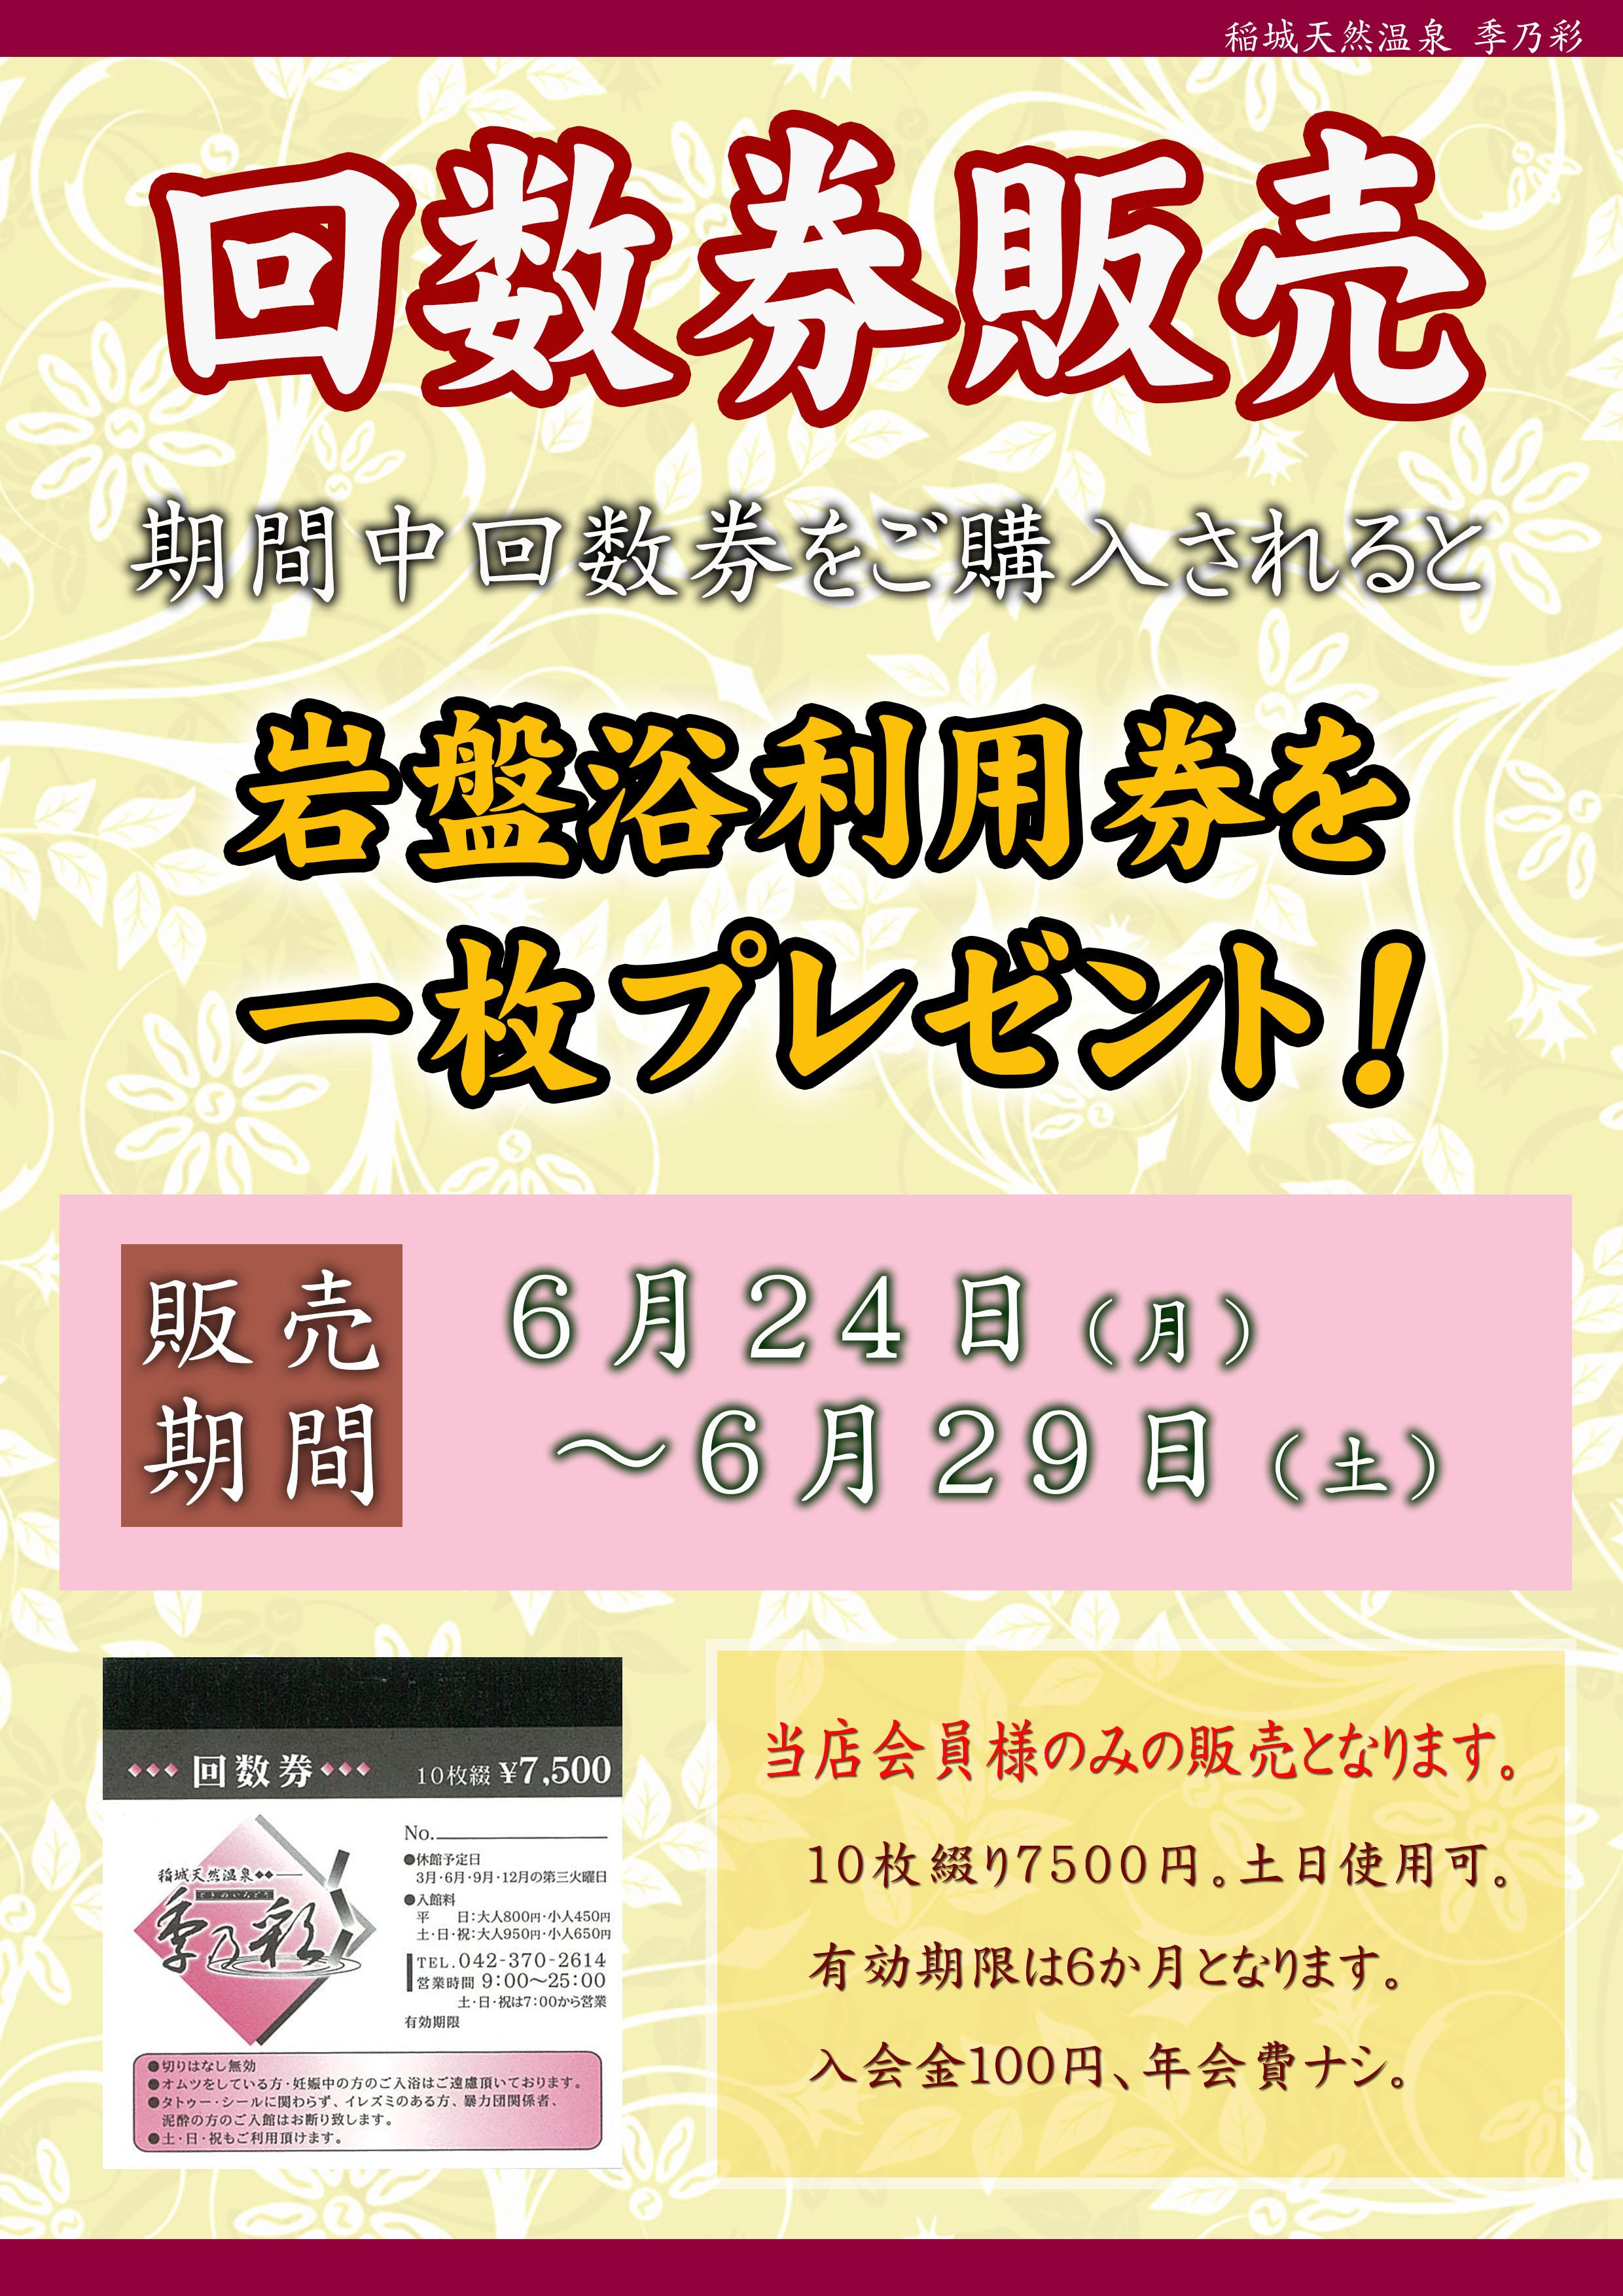 1906POP イベント 回数券特売 岩盤浴券付与【入会100円】